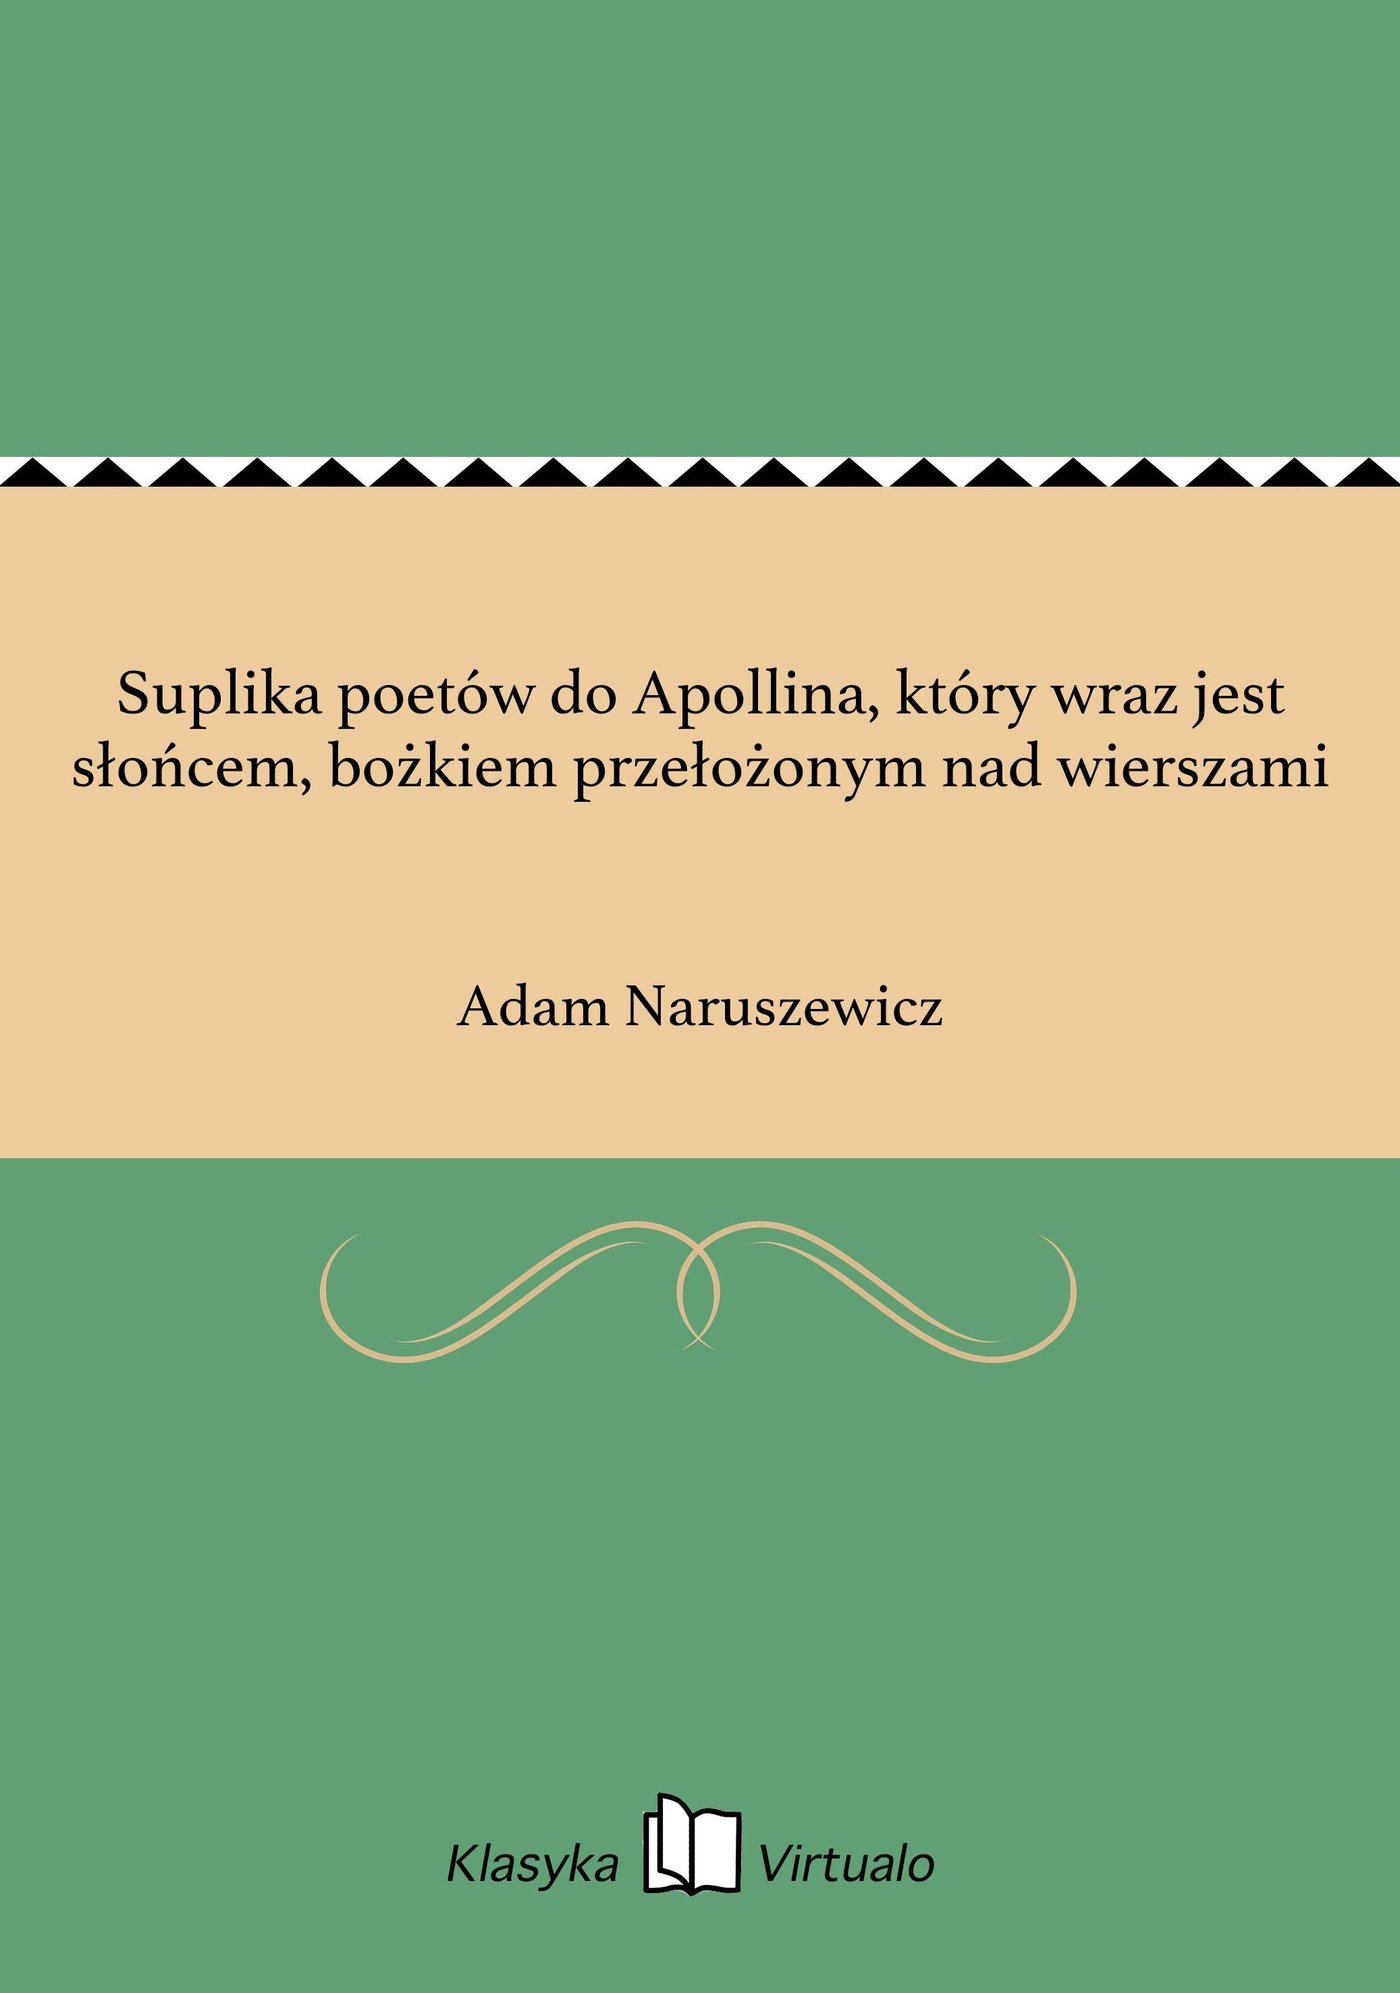 Suplika poetów do Apollina, który wraz jest słońcem, bożkiem przełożonym nad wierszami - Ebook (Książka EPUB) do pobrania w formacie EPUB